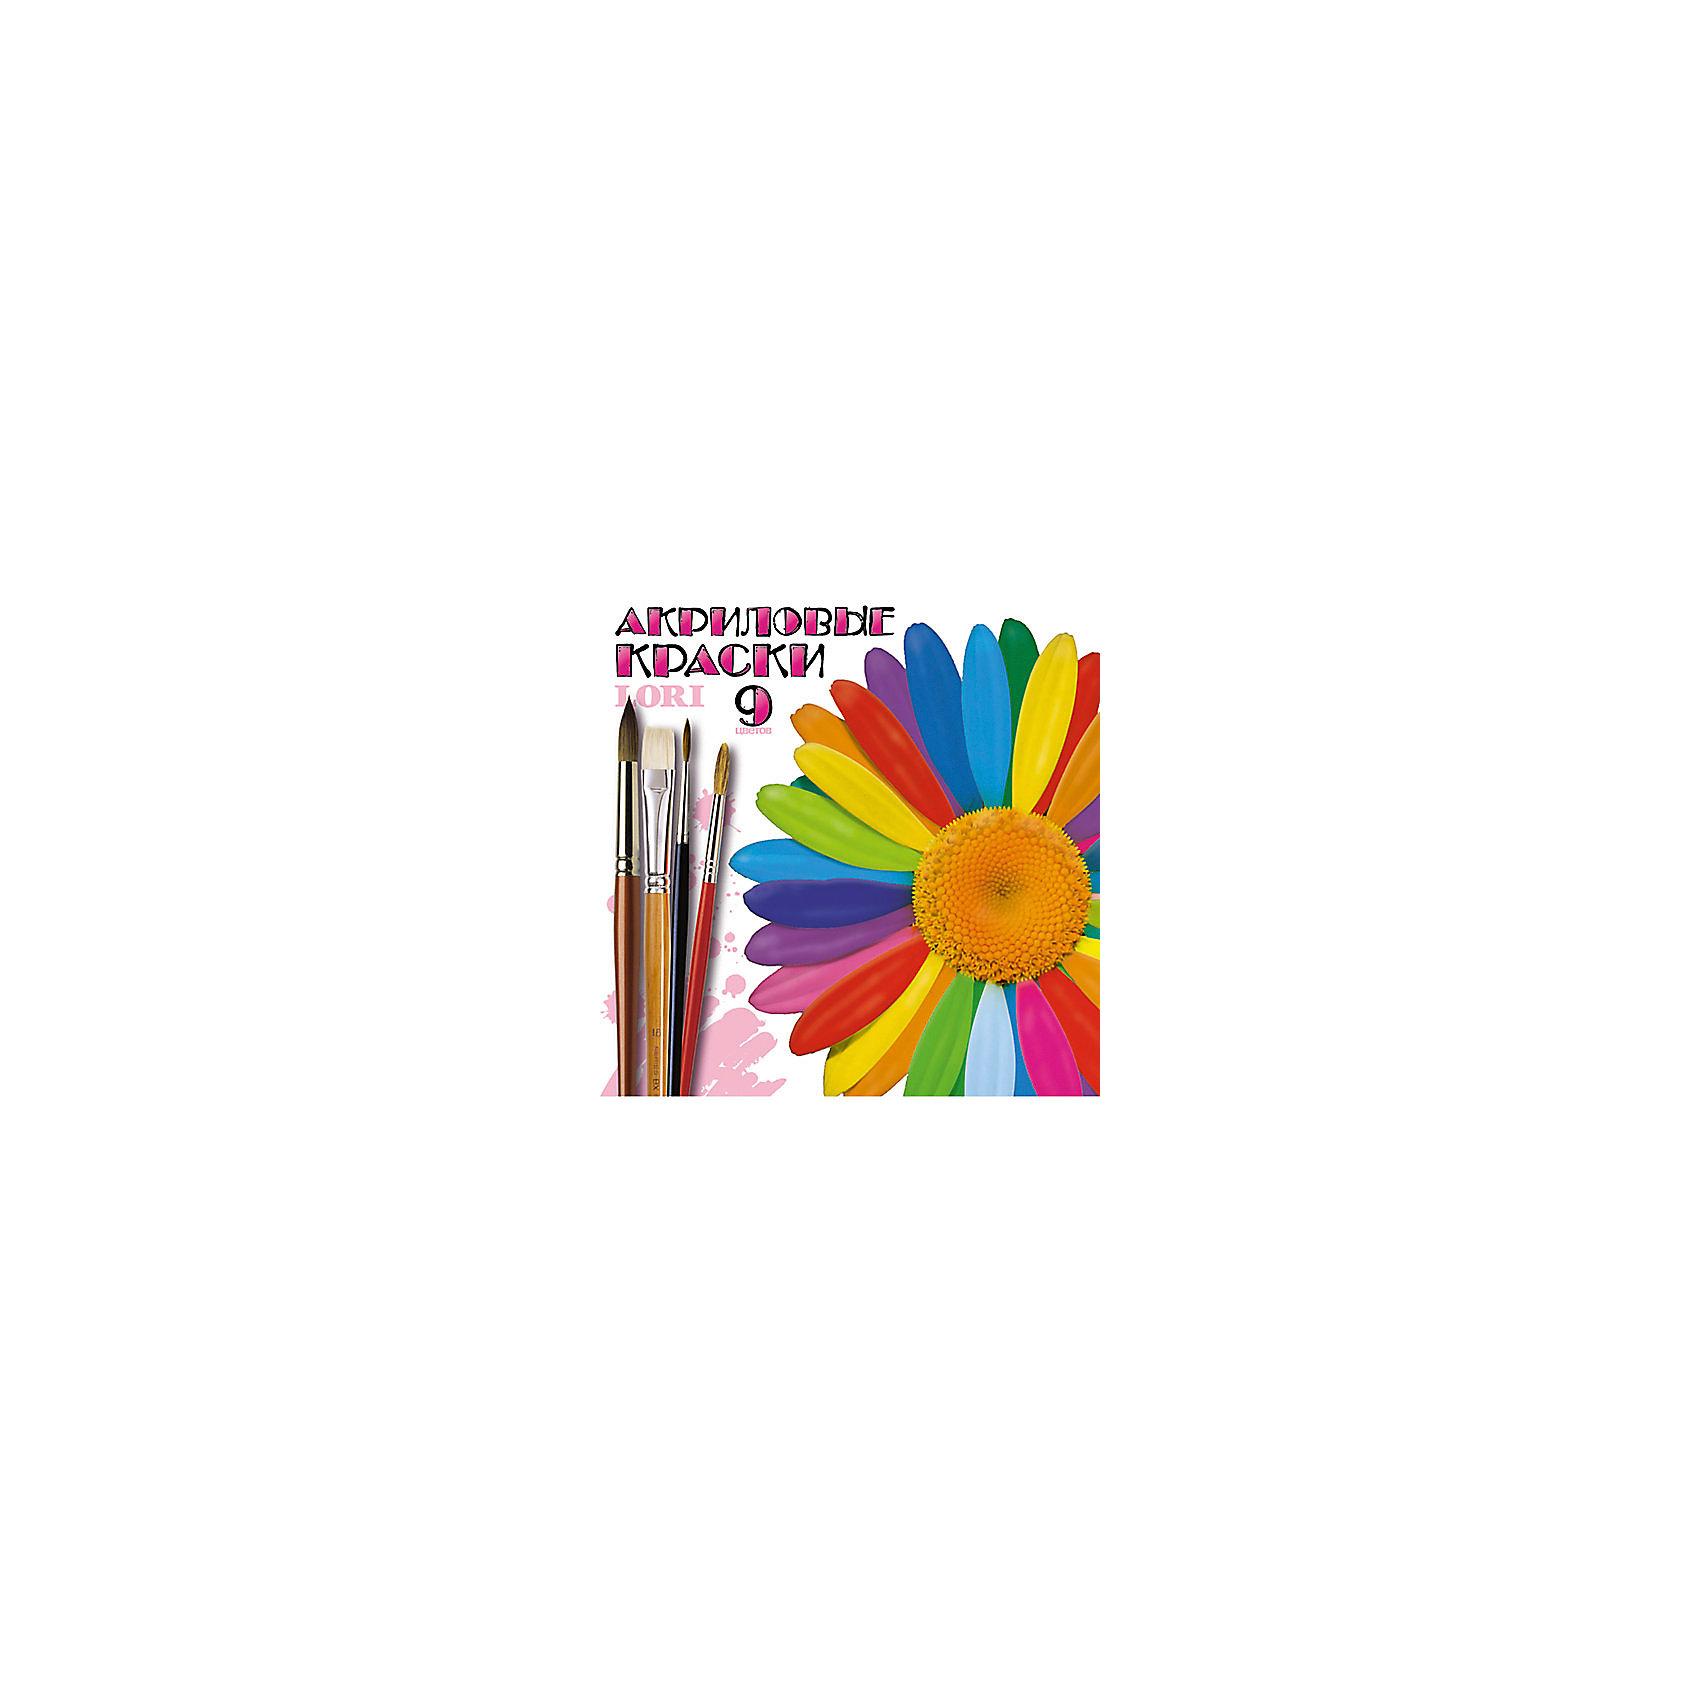 Краски акриловые, 9 цв.Краски акриловые, 9 цв. - это качественный набор для детского творчества и декоративно-оформительских работ.<br>Набор акриловых красок — отличный способ развить творческие способности ребенка. Краски имеют насыщенные цвета, ложатся ровным слоем на бумаге, не тускнеют со временем, не теряют яркости и легко удаляются с рук,. Они наносятся на бумагу, холст, дерево, стекло, металл, пластик, кожу, ткань, керамику, пластилин, глину и используются для создания коллажей, как цветной клей и фон-основа для аппликаций. В процессе рисования у детей развивается творческие навыки, мелкая моторика рук, воображение и художественный вкус.<br><br>Дополнительная информация:<br><br>- В наборе: краски 9 цветов в баночках по 20 мл.<br>- Цвета: красный, белый, черный, синий, желтый, зеленый, салатовый, сиреневый, оранжевый<br>- Упаковка: картонная коробка<br>- Размер упаковки: 12 х 12 х 4 см.<br>- Вес: 254 гр.<br><br>Краски акриловые, 9 цв. можно купить в нашем интернет-магазине.<br><br>Ширина мм: 120<br>Глубина мм: 120<br>Высота мм: 40<br>Вес г: 254<br>Возраст от месяцев: 36<br>Возраст до месяцев: 144<br>Пол: Унисекс<br>Возраст: Детский<br>SKU: 4249891